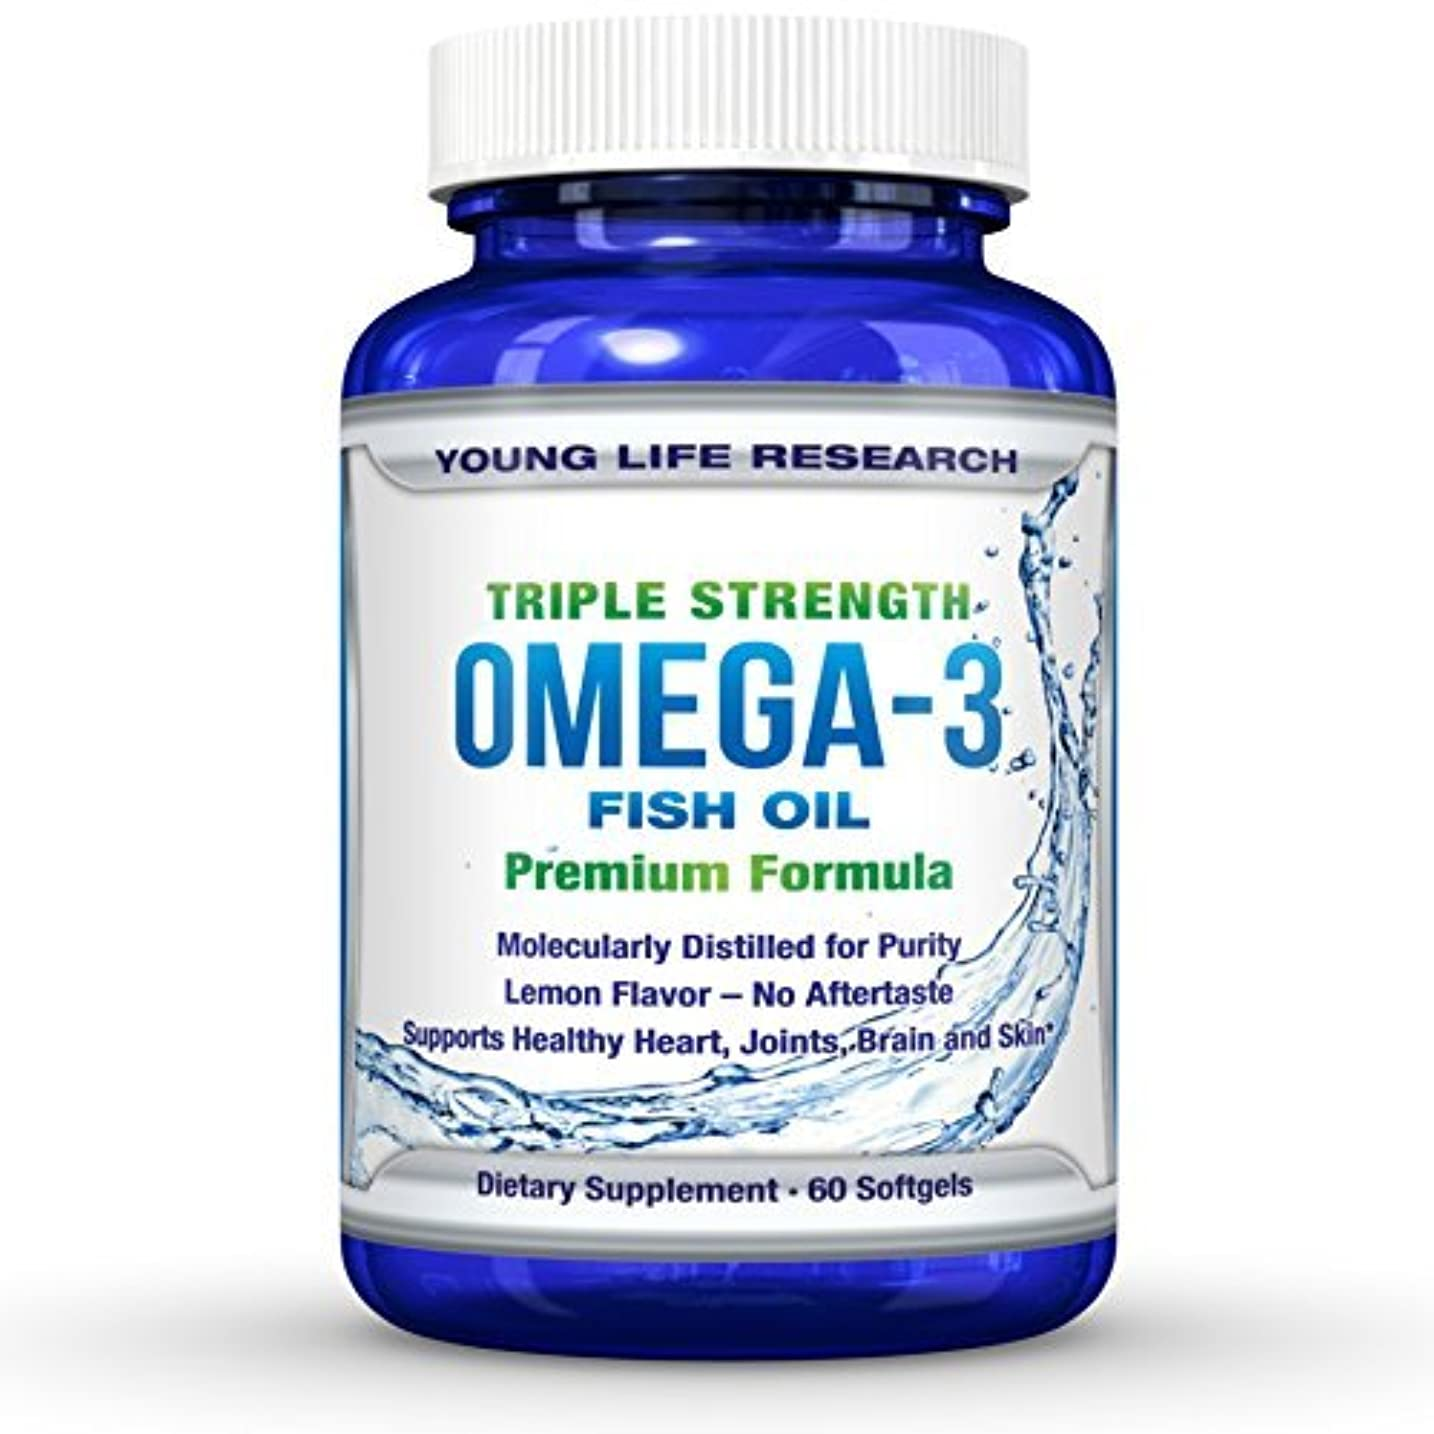 選ぶ資格情報ベイビーFISH OIL OMEGA 3 - Triple Strength Ultra-Purified Professional Grade - By Young Life Research by Young Life Research...